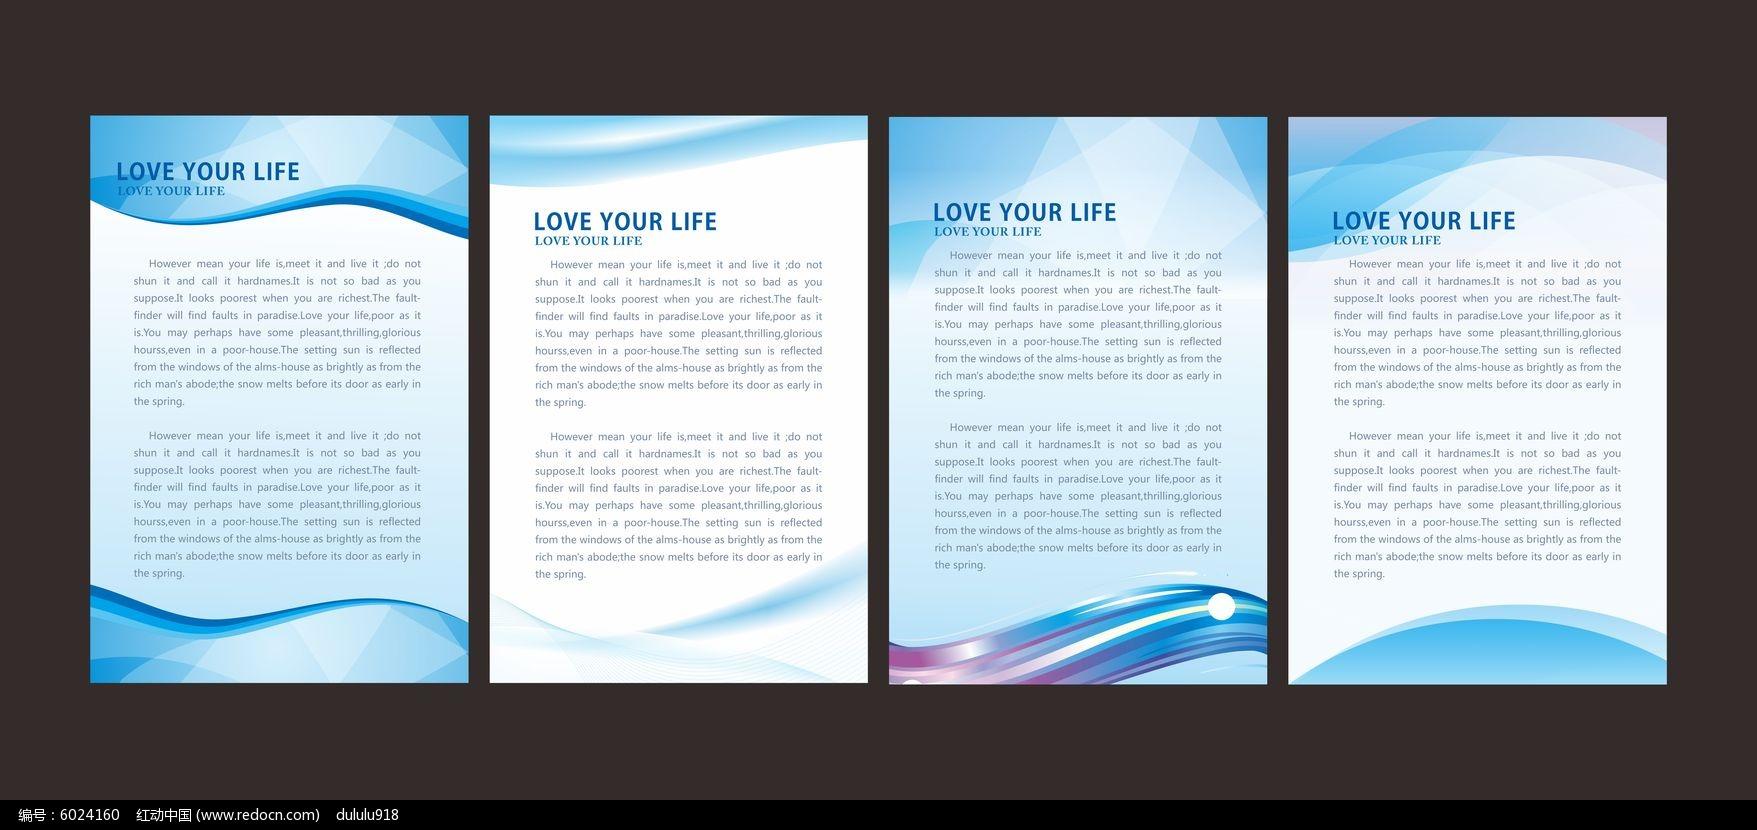 素材下载,您当前访问作品主题是简洁蓝色展板,编号是6024160,文件格式图片